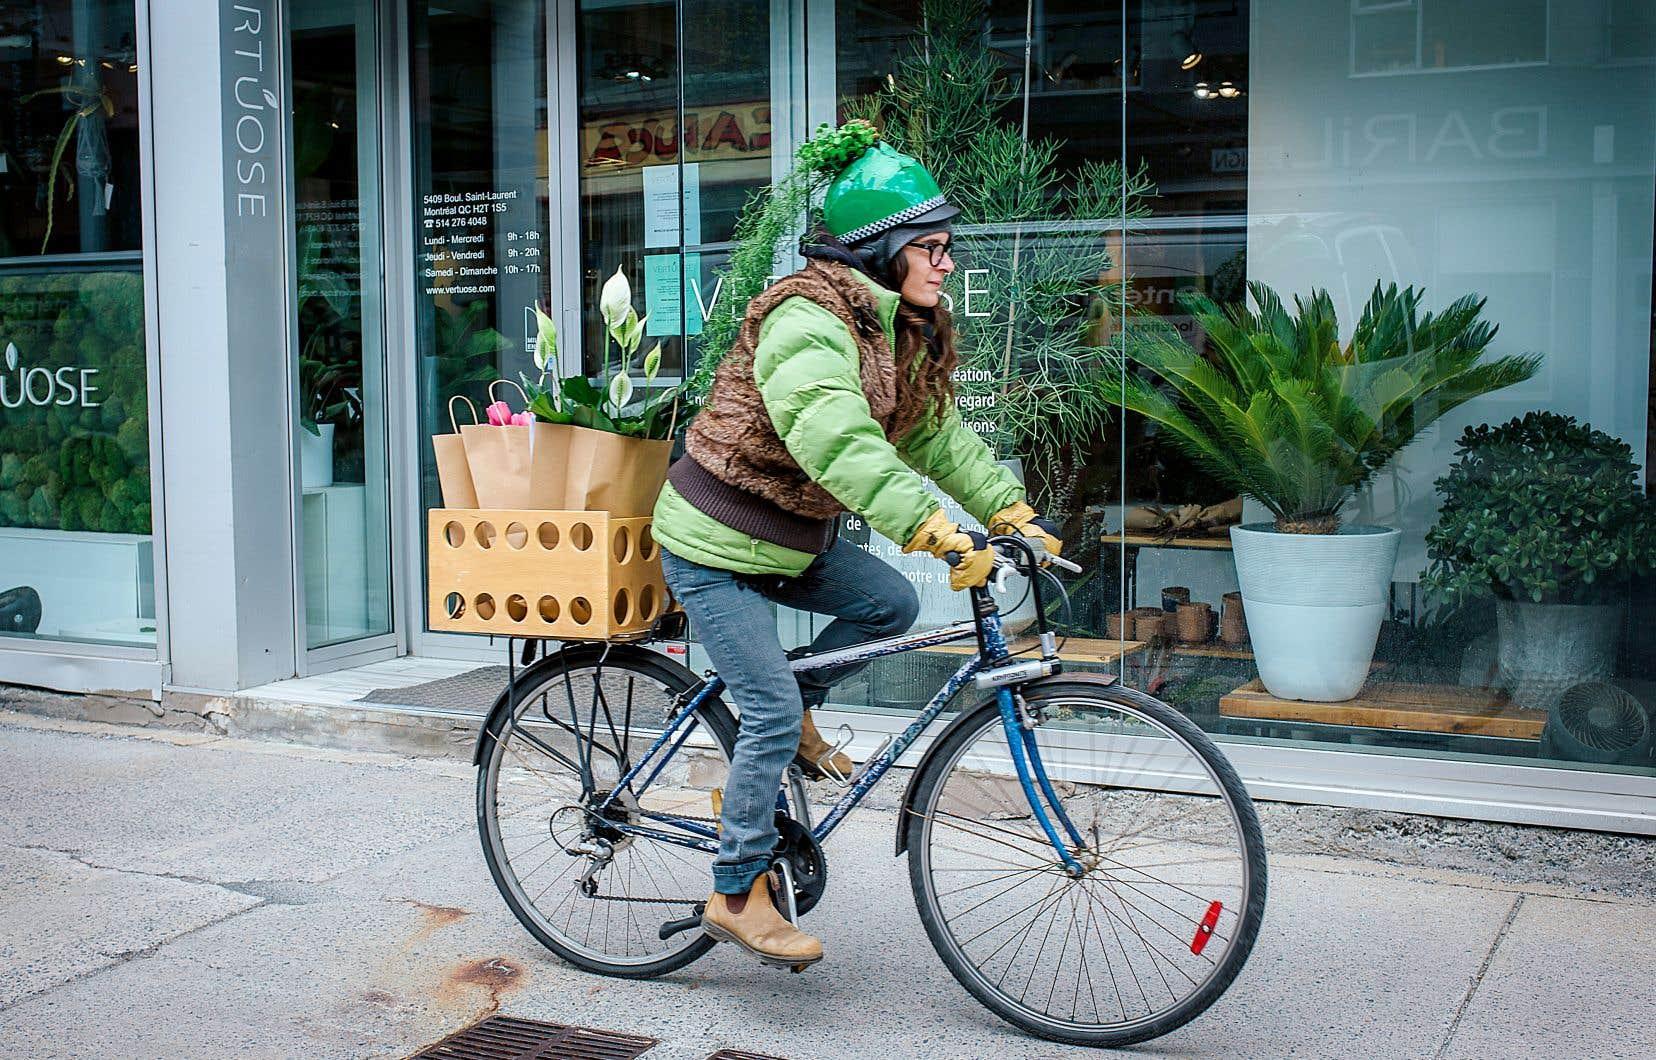 Sophie Bolduc, fleuriste montréalaise, livrait les commandes de fleurs à vélo dimanche à l'occasion de la fête des Mères.